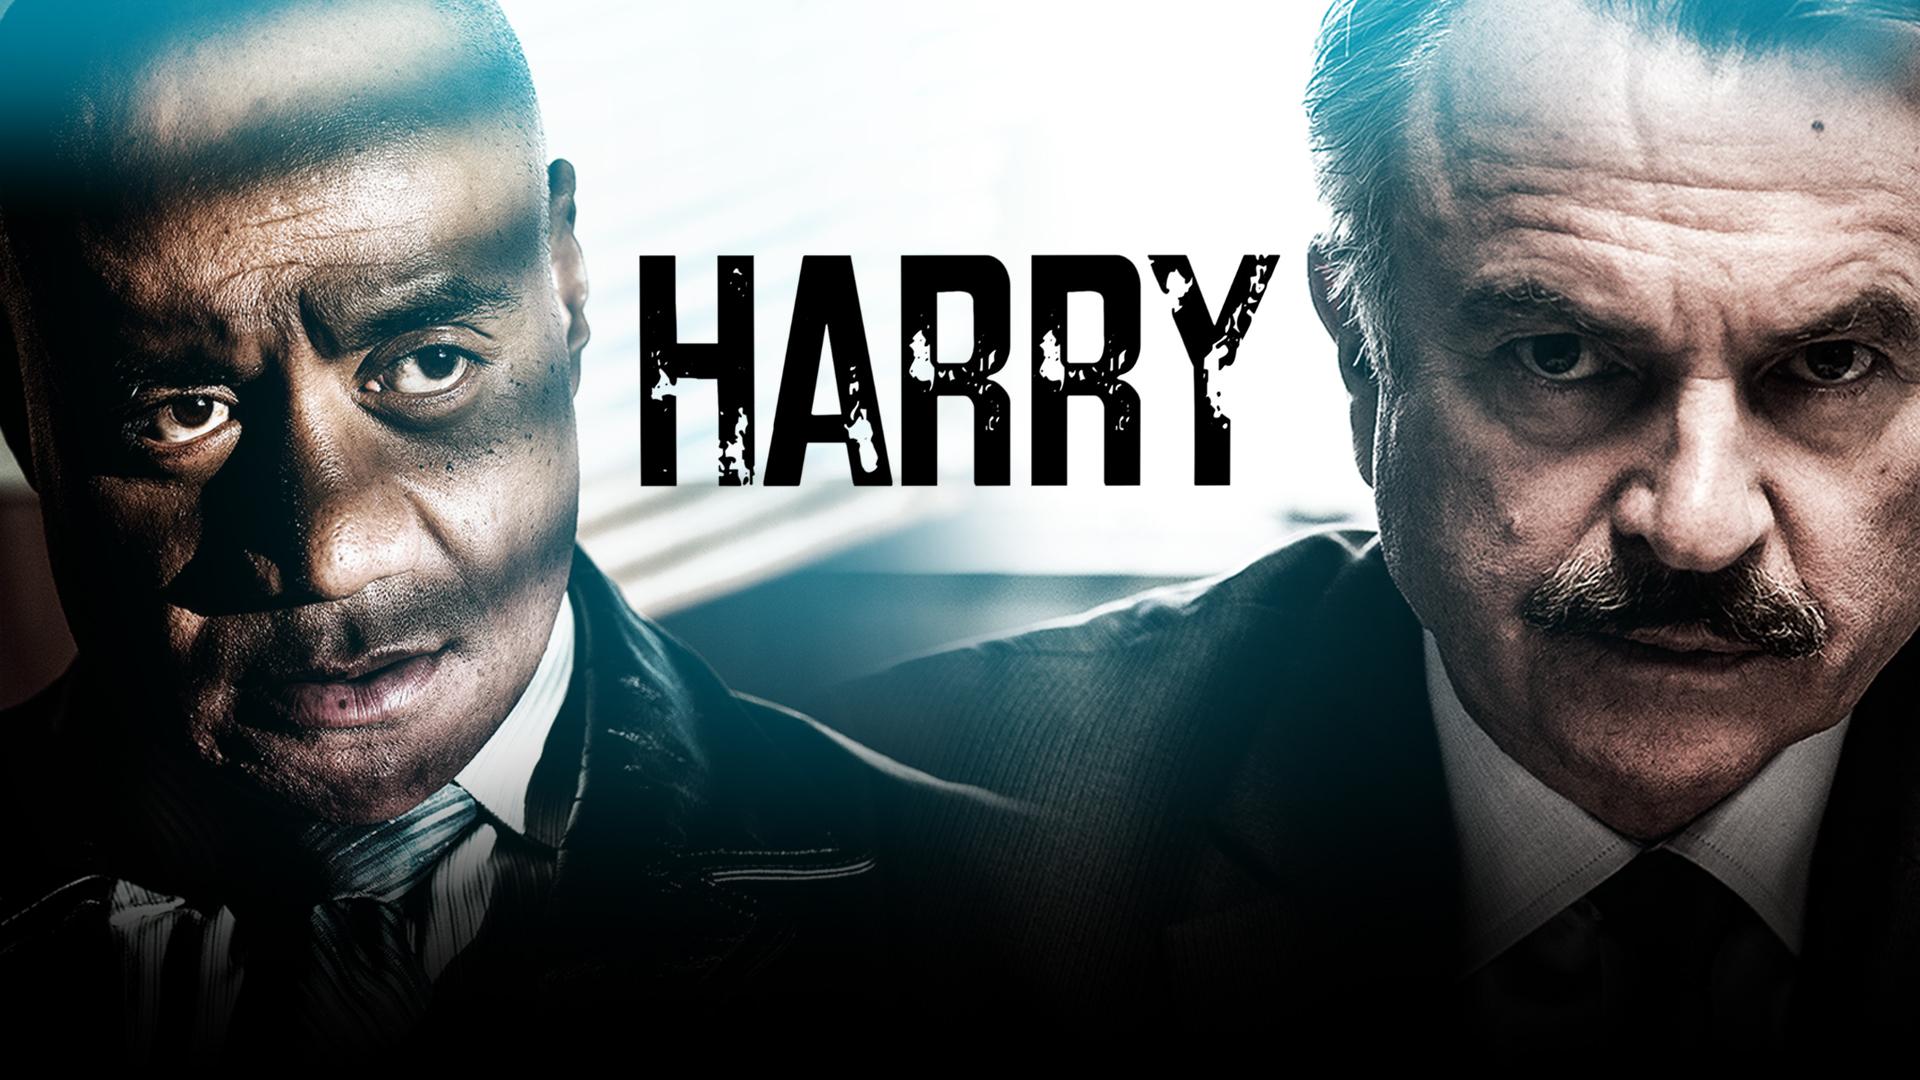 Harry - Season 1